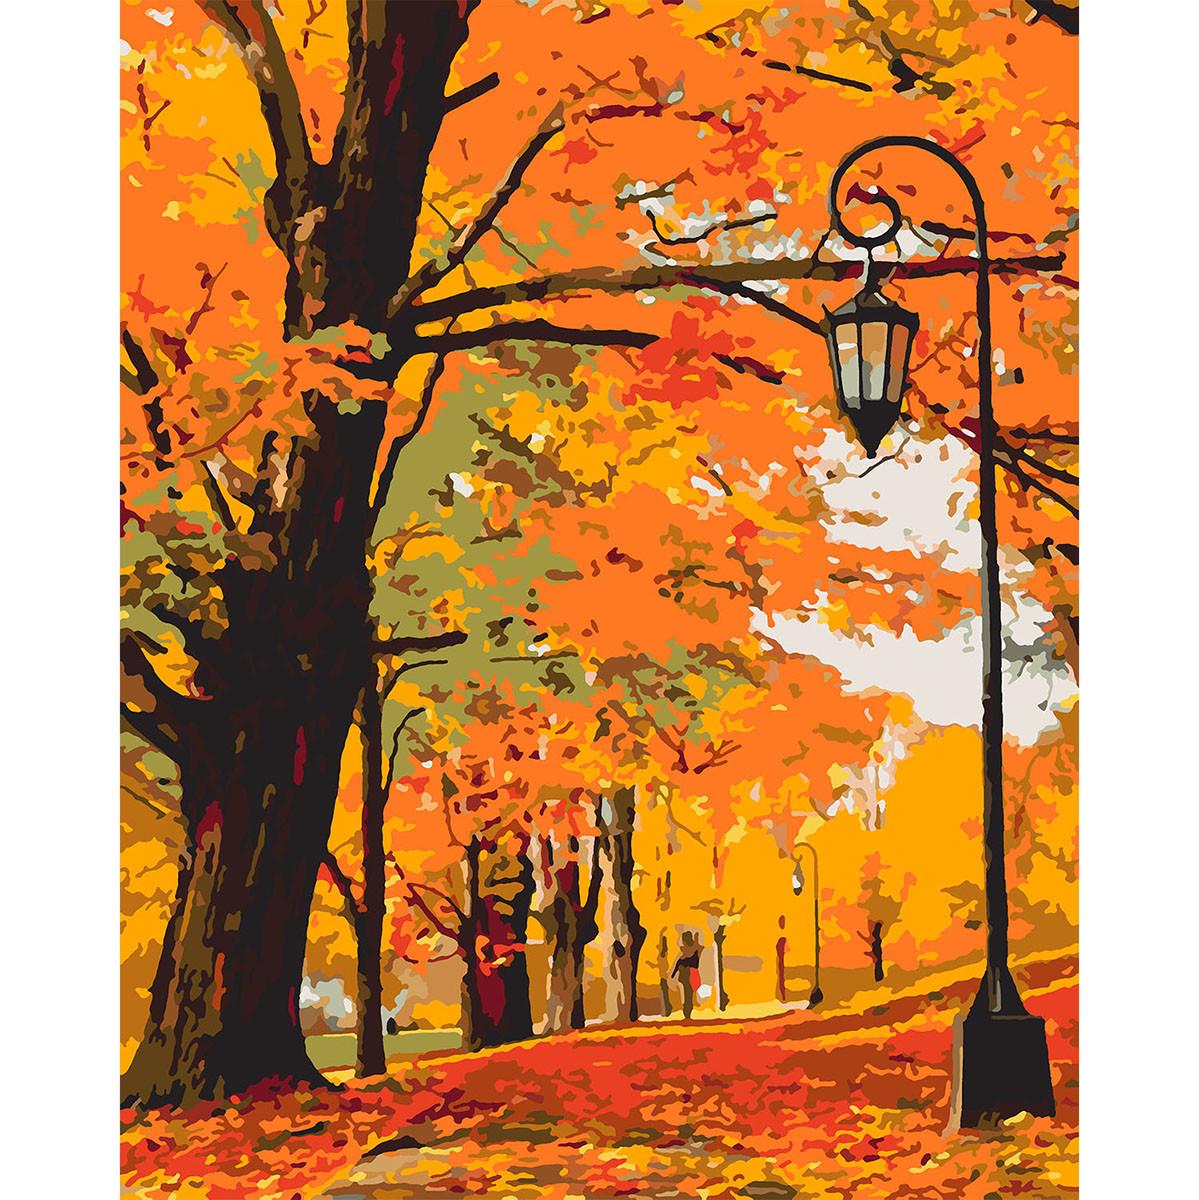 Картина по номерам в подарочной коробке Золотая осень 40*50 см. Santi код:953901